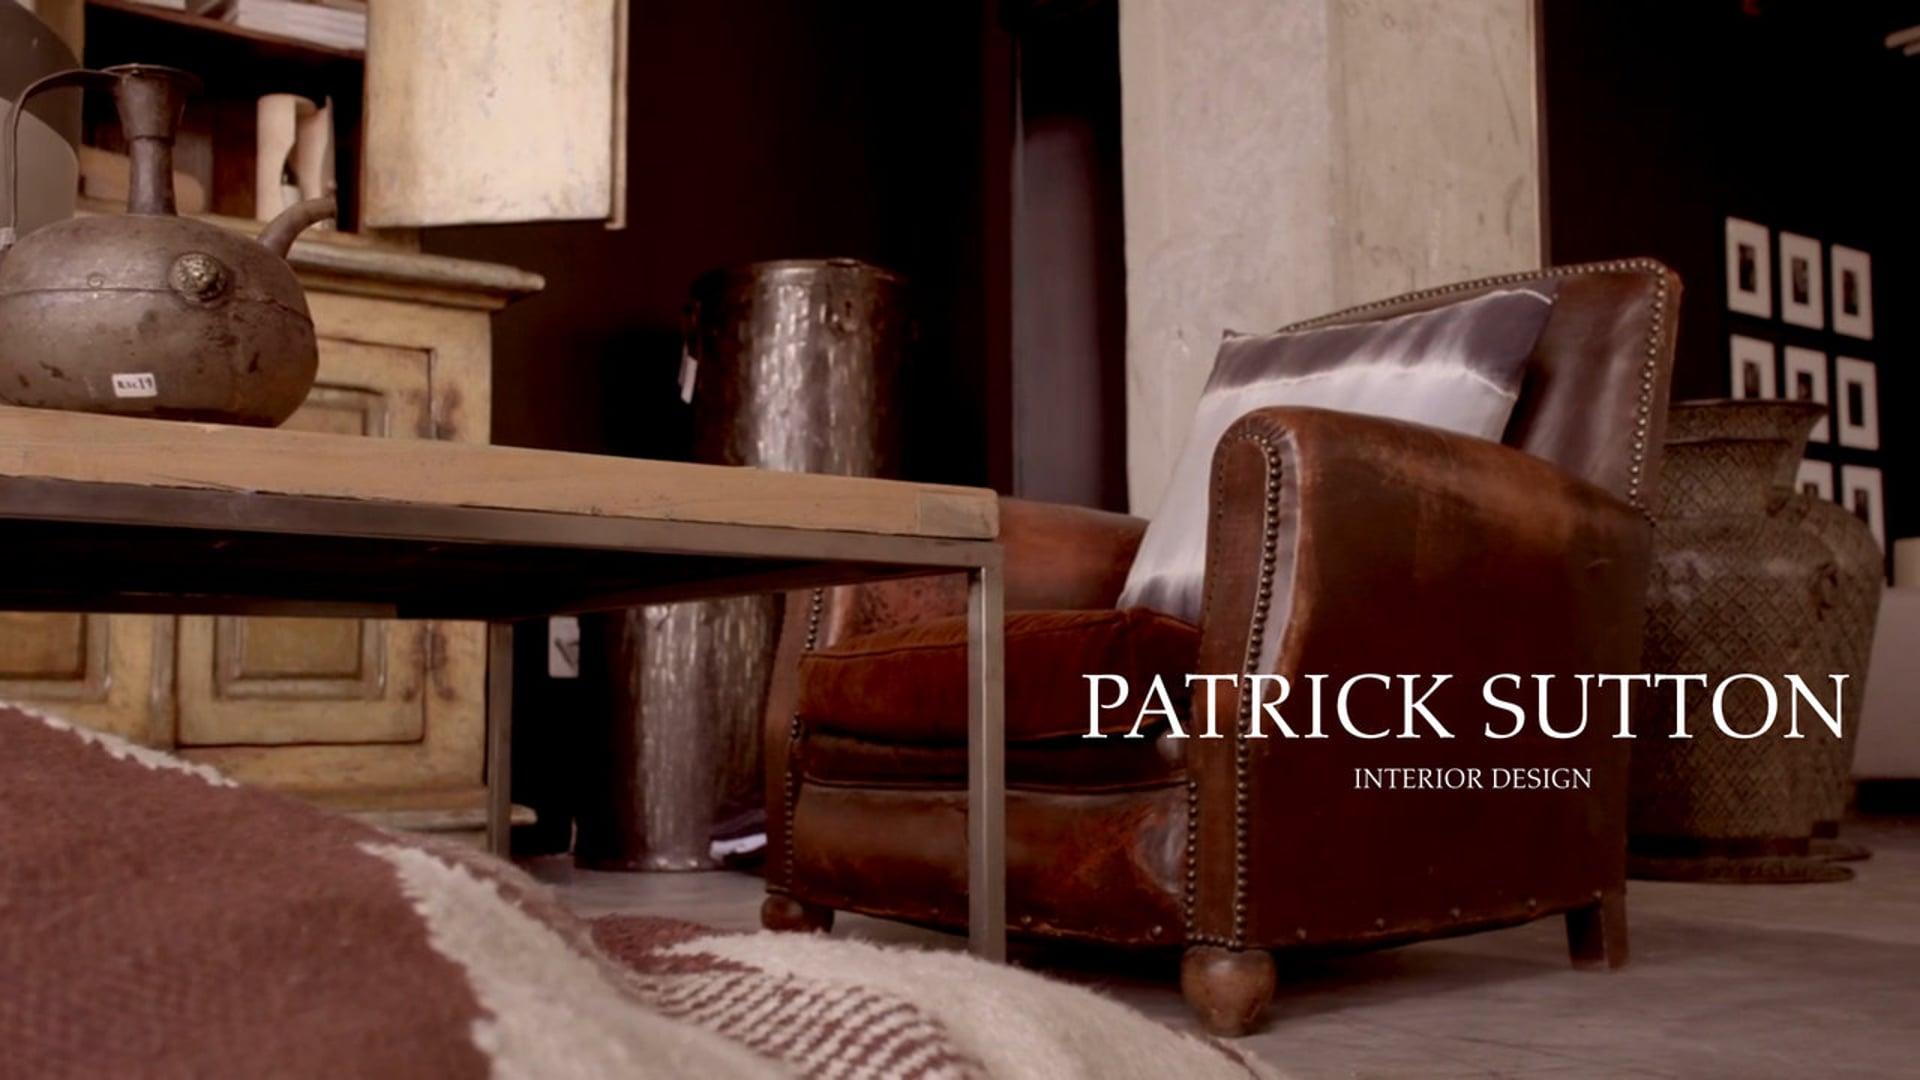 Patrick Sutton, Interior Designer